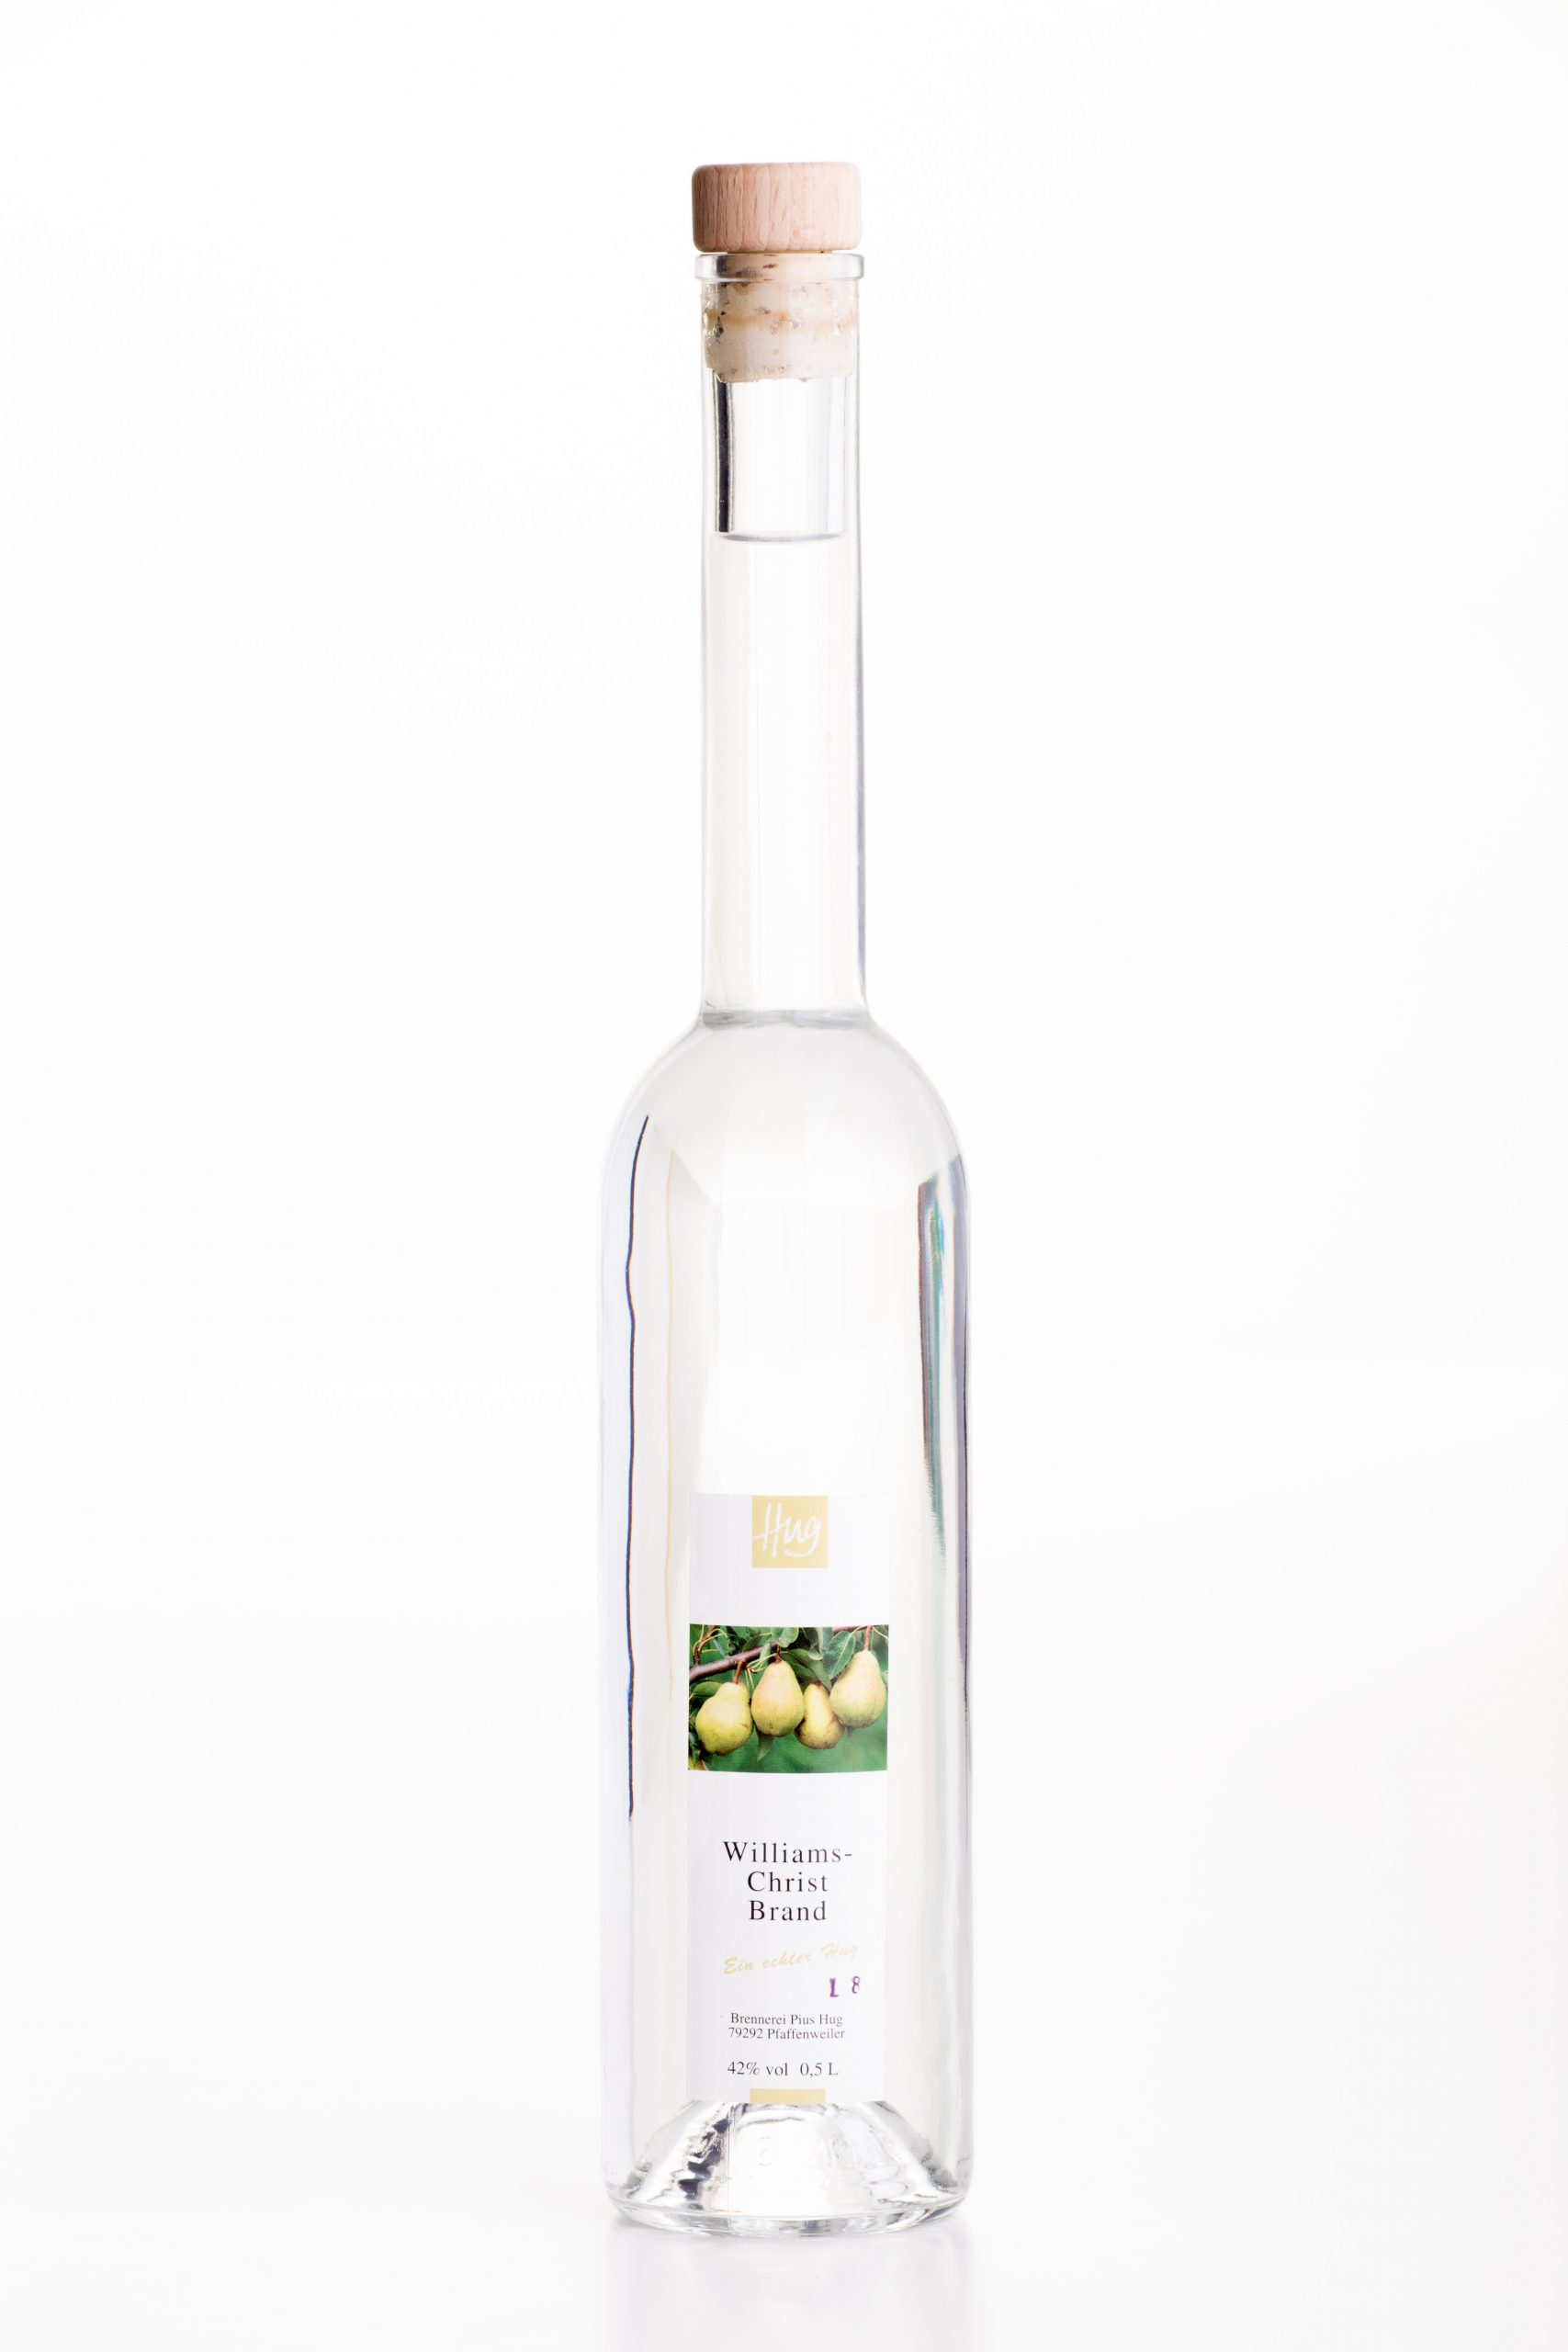 Williams Christ Brand 0,5 Liter | Weingut Hug in Pfaffenweiler bei Freiburg im Breisgau